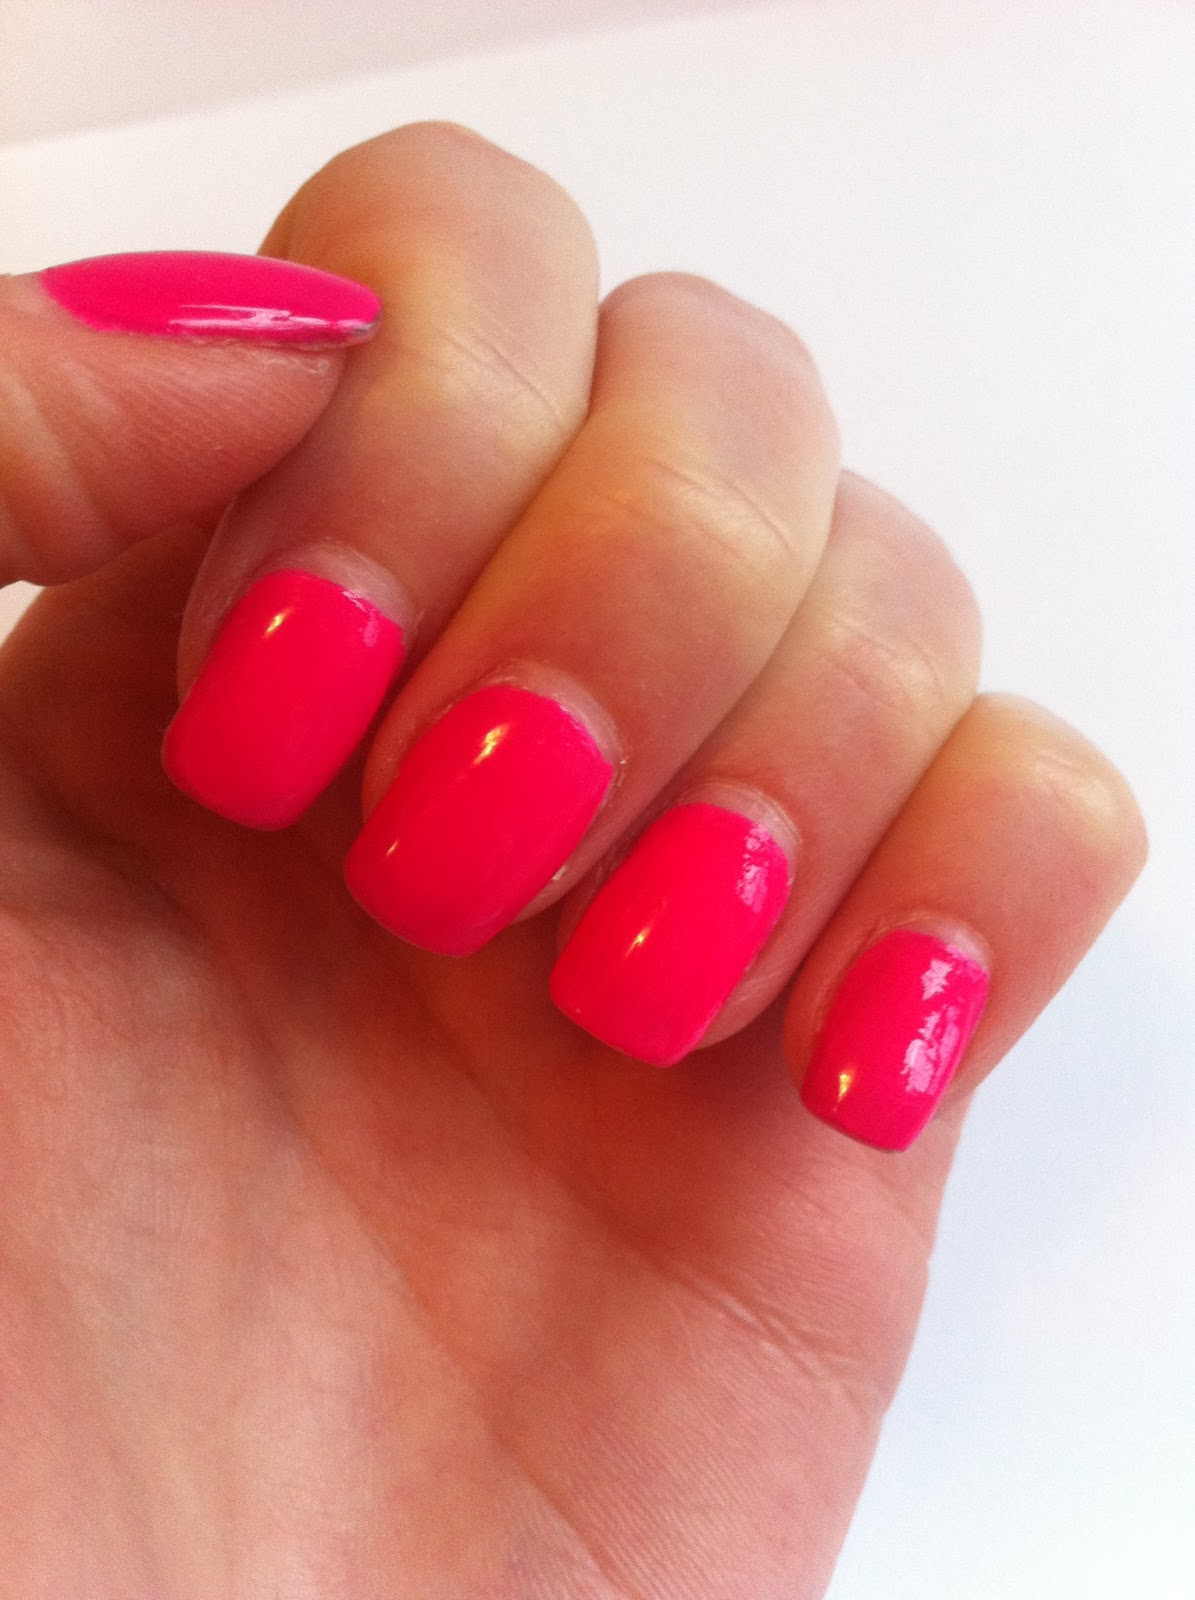 Flirtatious Nails In 2019: Beauty Box: February 2013